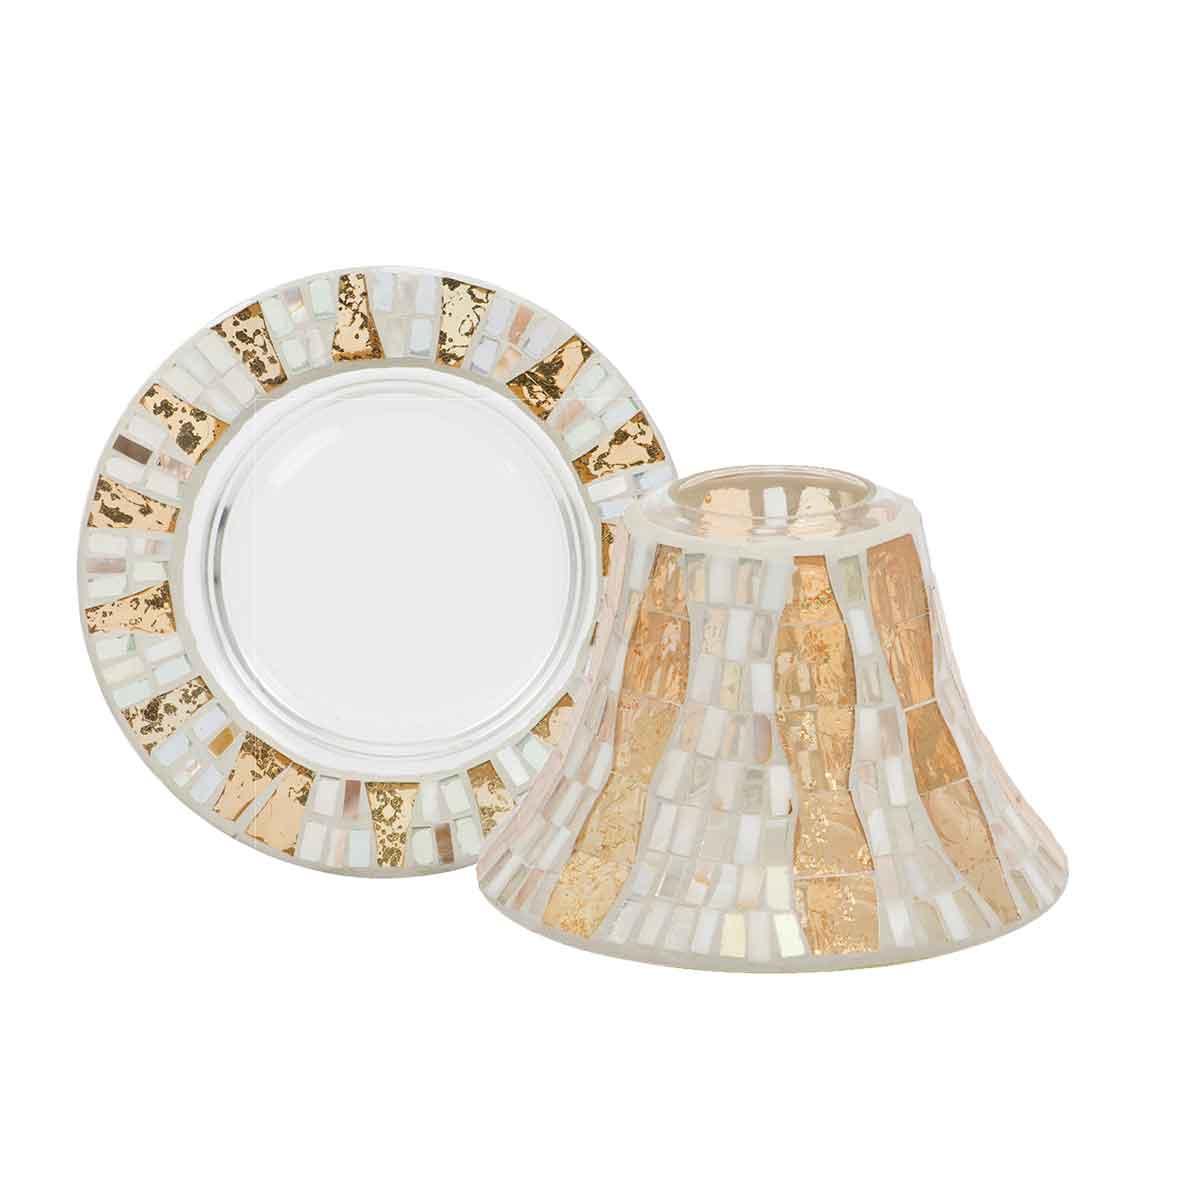 Gold-Wave-Mosaic-Shade-and-Tray